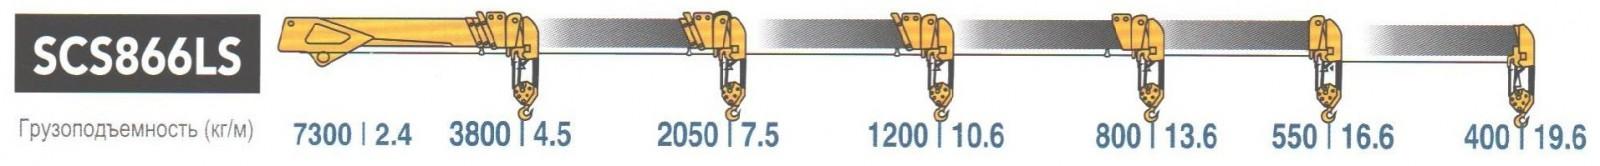 866.jpg